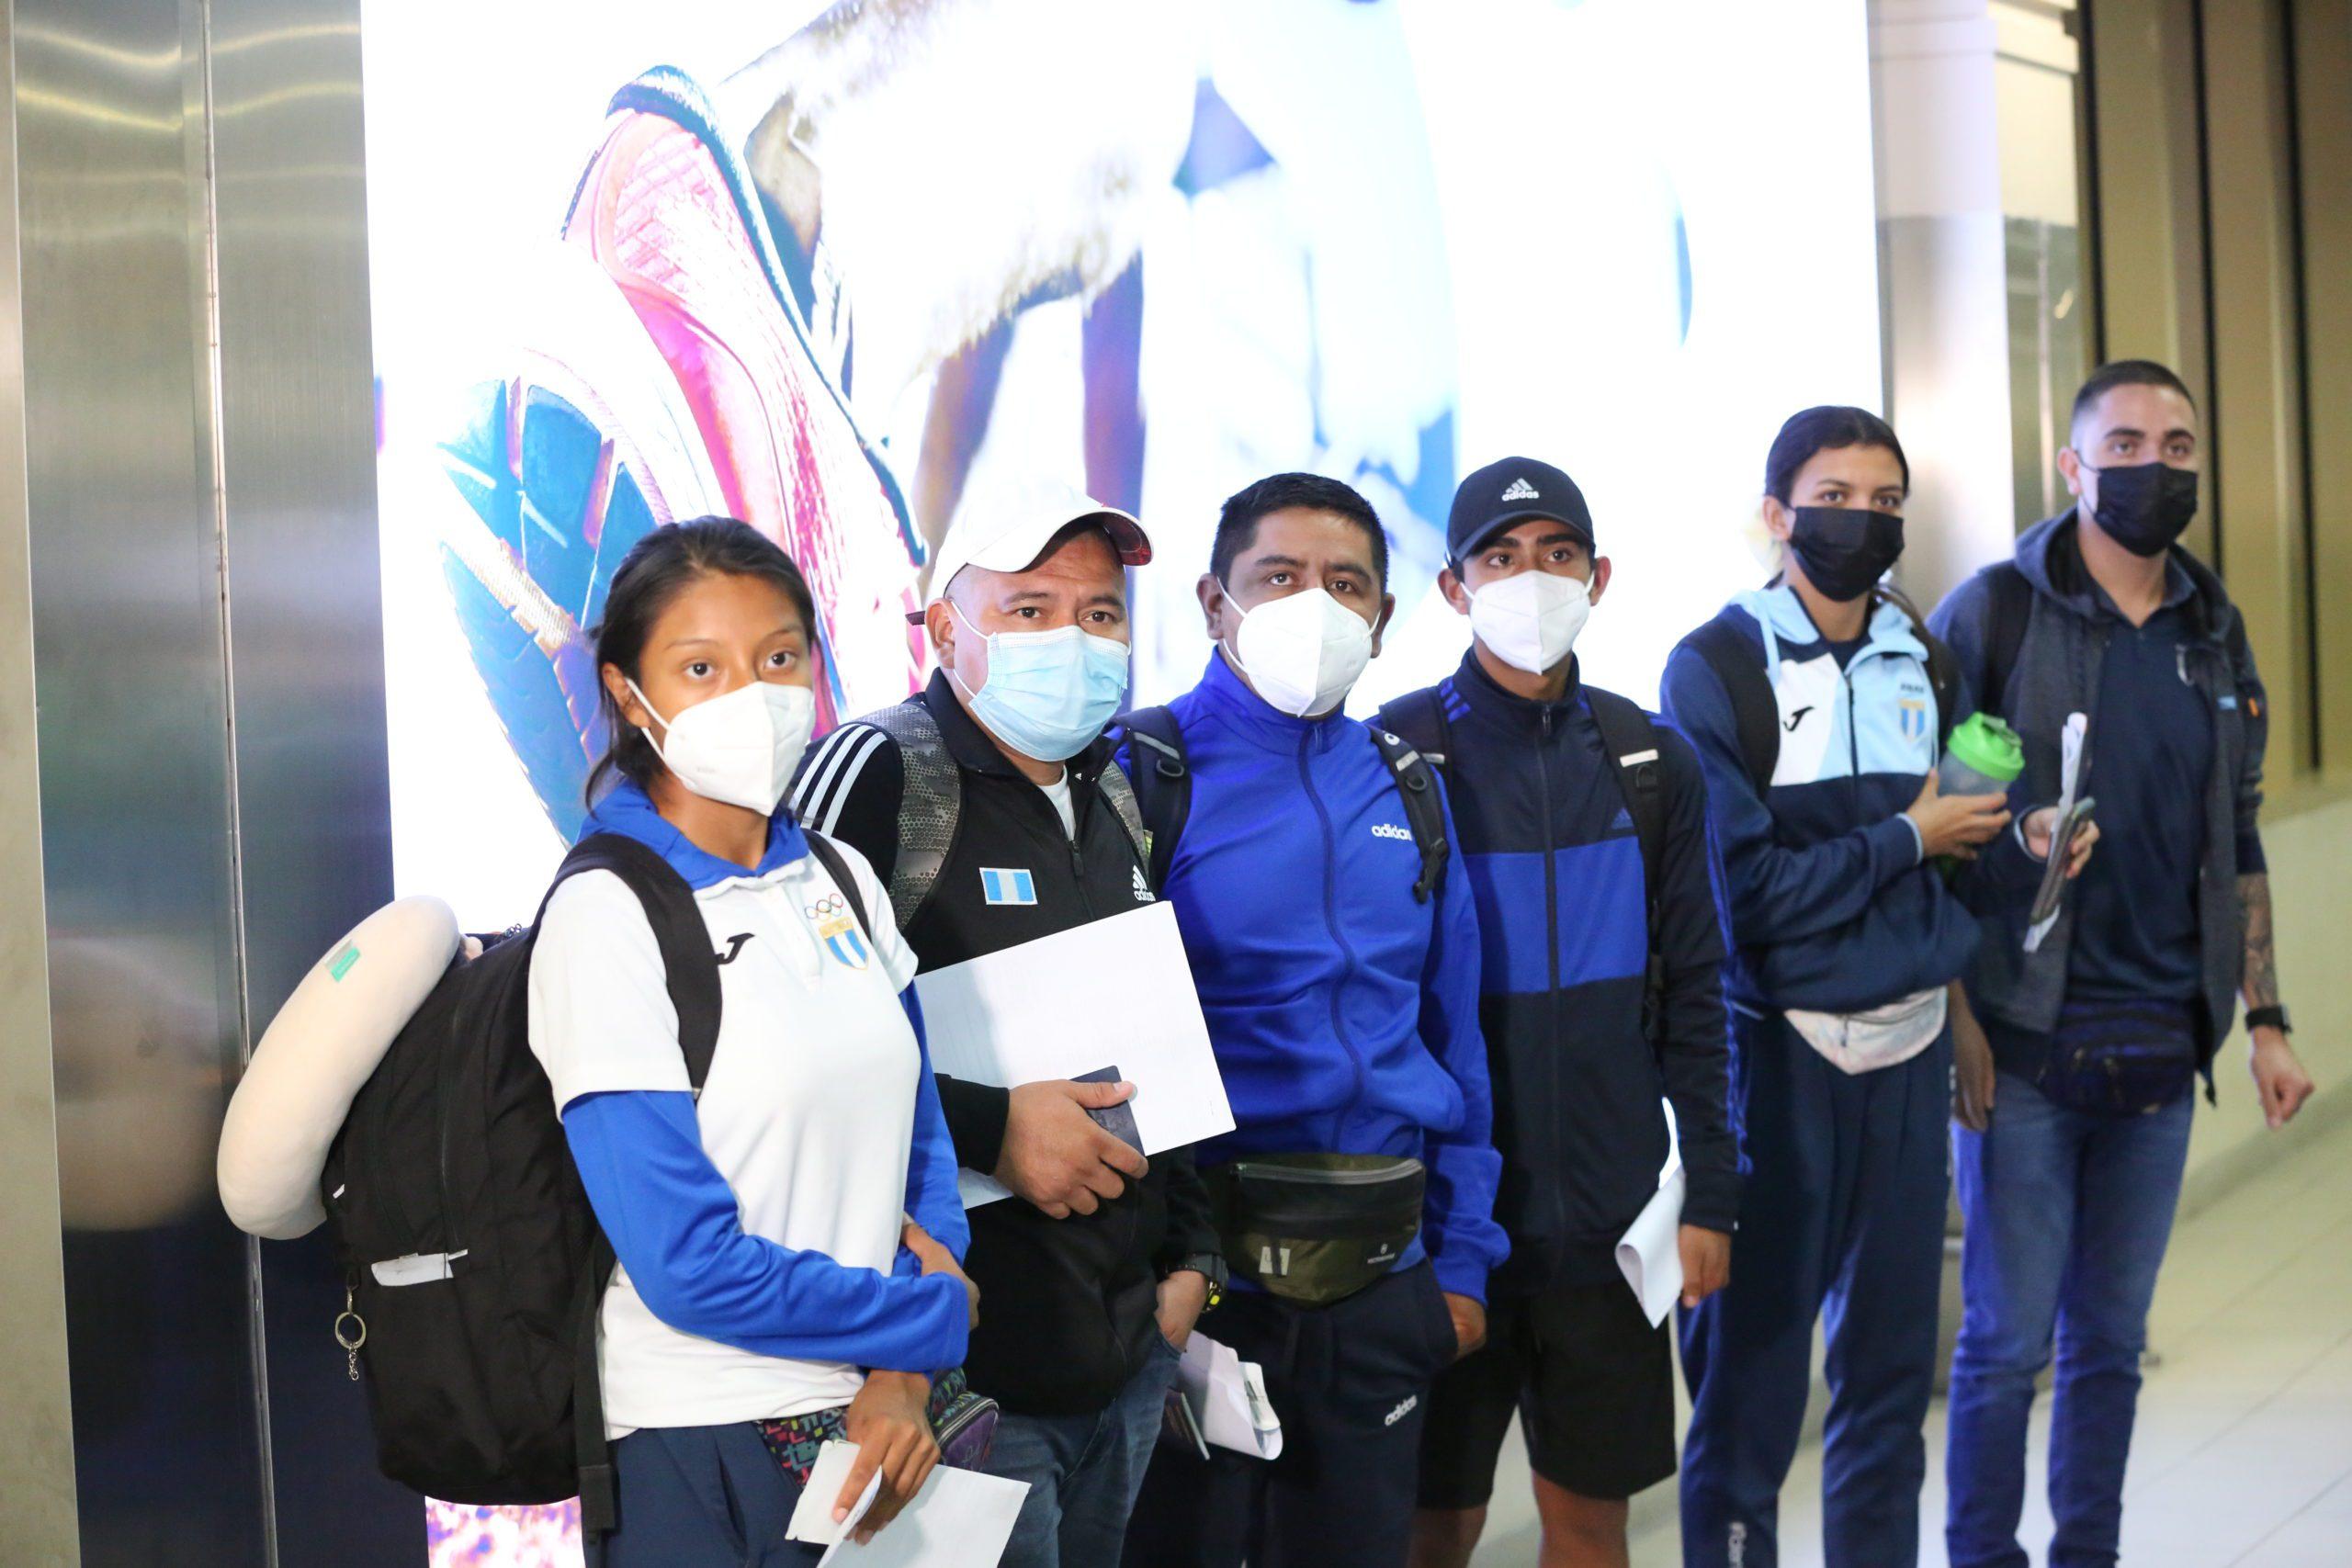 Team Guatemala in Nairobi for the WU20